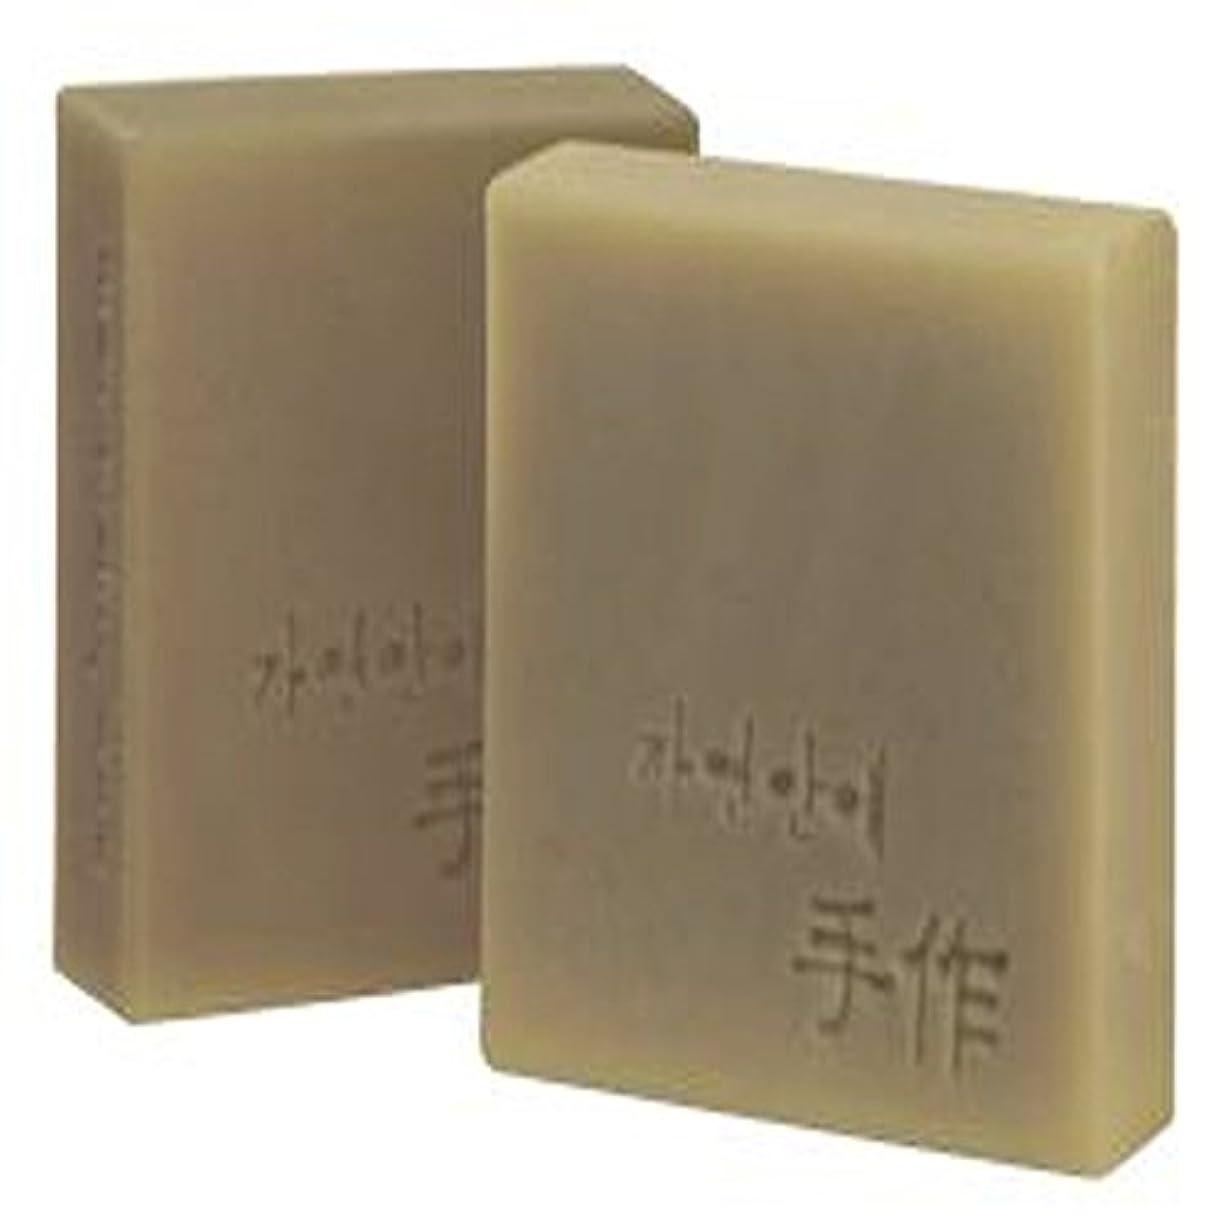 ご注意墓頑固なNatural organic 有機天然ソープ 固形 無添加 洗顔せっけんクレンジング [並行輸入品] (何首烏)